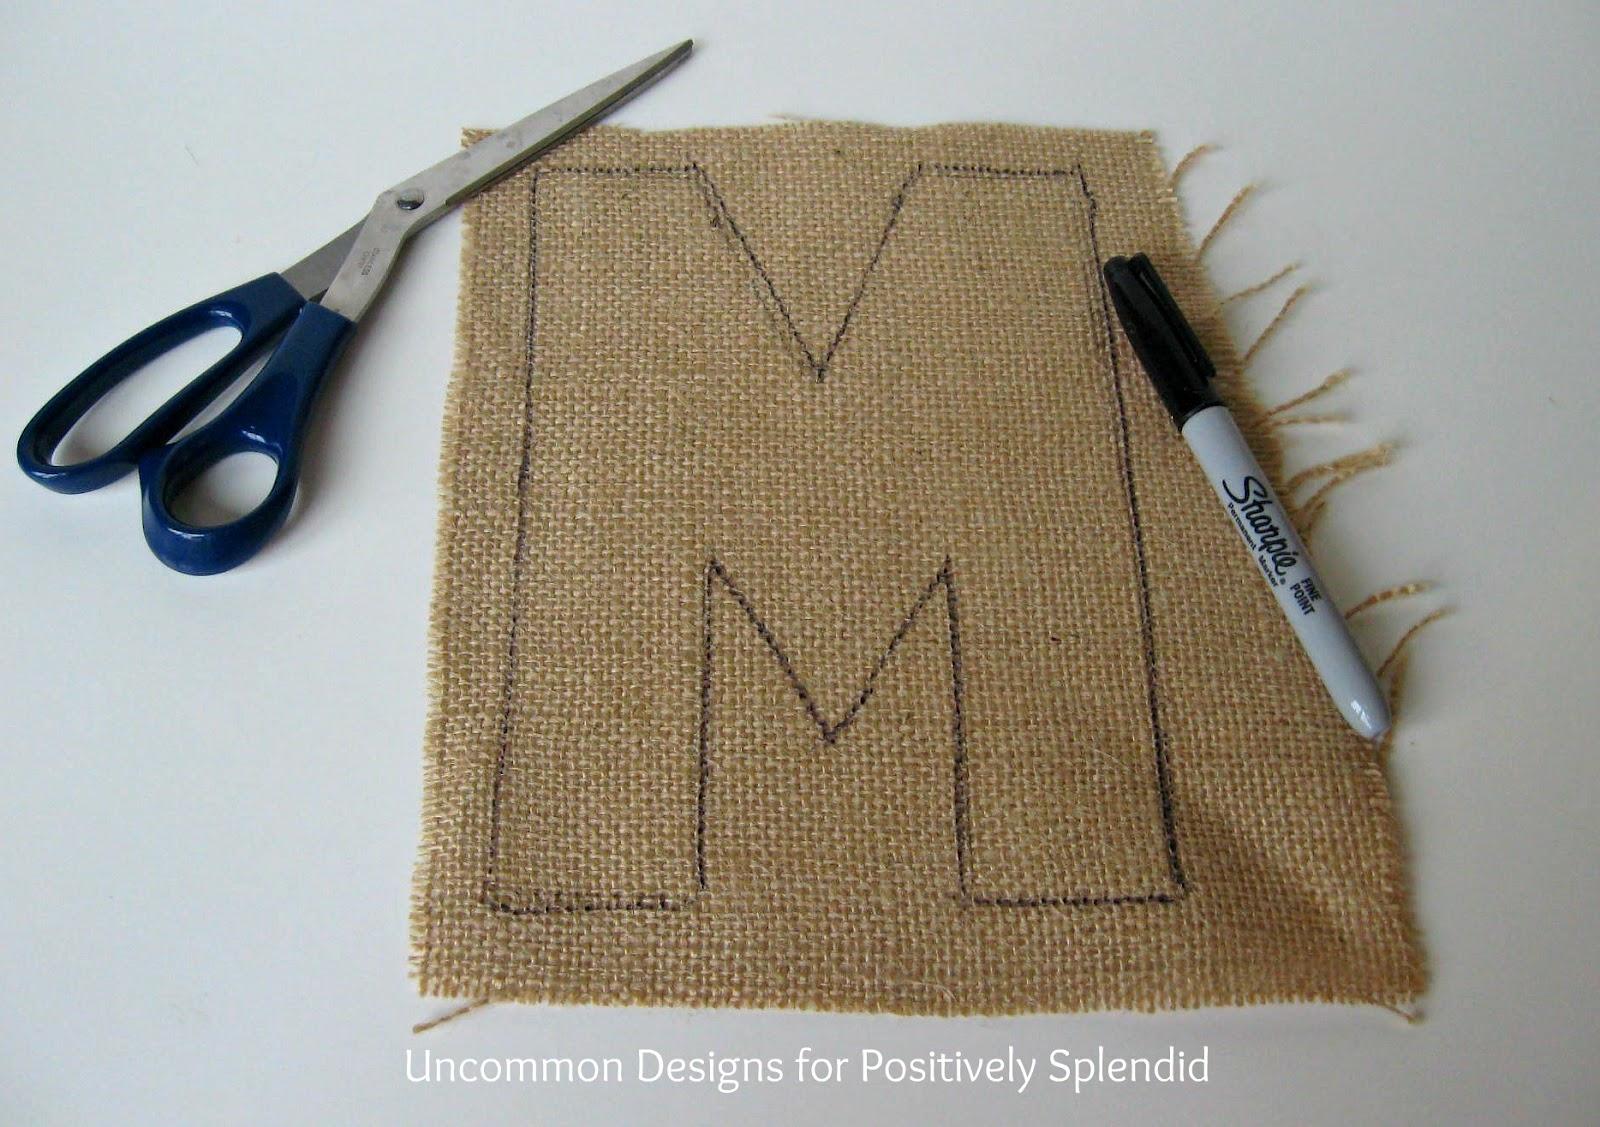 http://2.bp.blogspot.com/-pfnG0ITLI3A/T8vxG7s6aQI/AAAAAAAAEeU/ByZPqfCRji0/s1600/Burlap+Covered+Letter+3+Uncommon+designs+2012.jpg